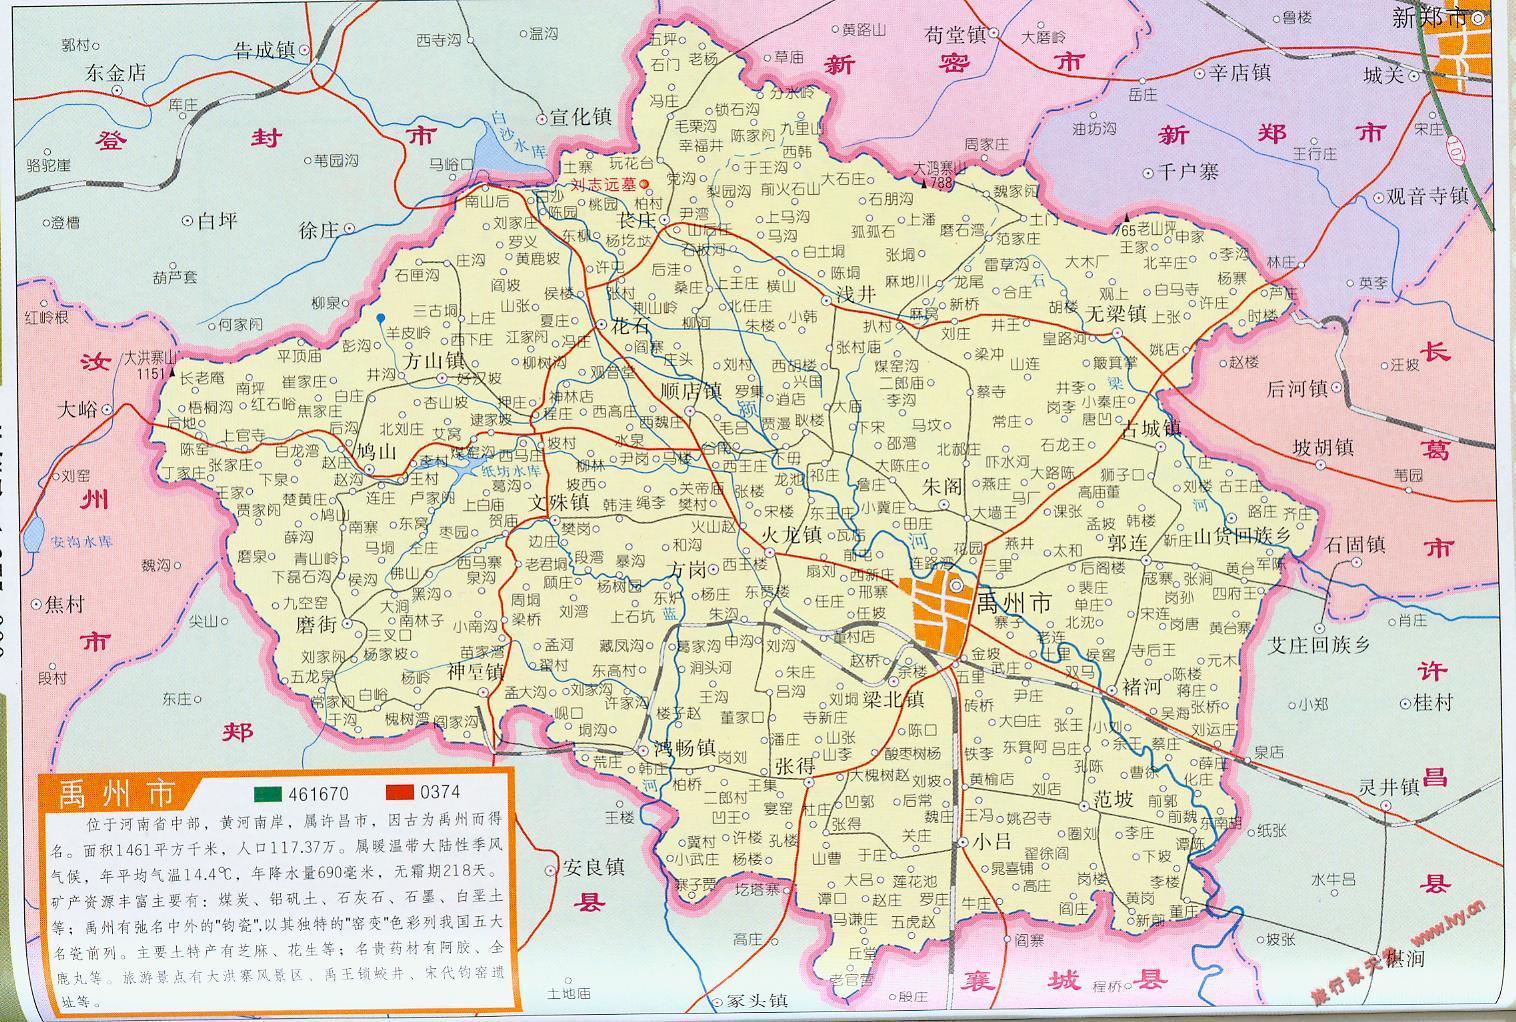 河南地图全图可放大_河南省市县地图